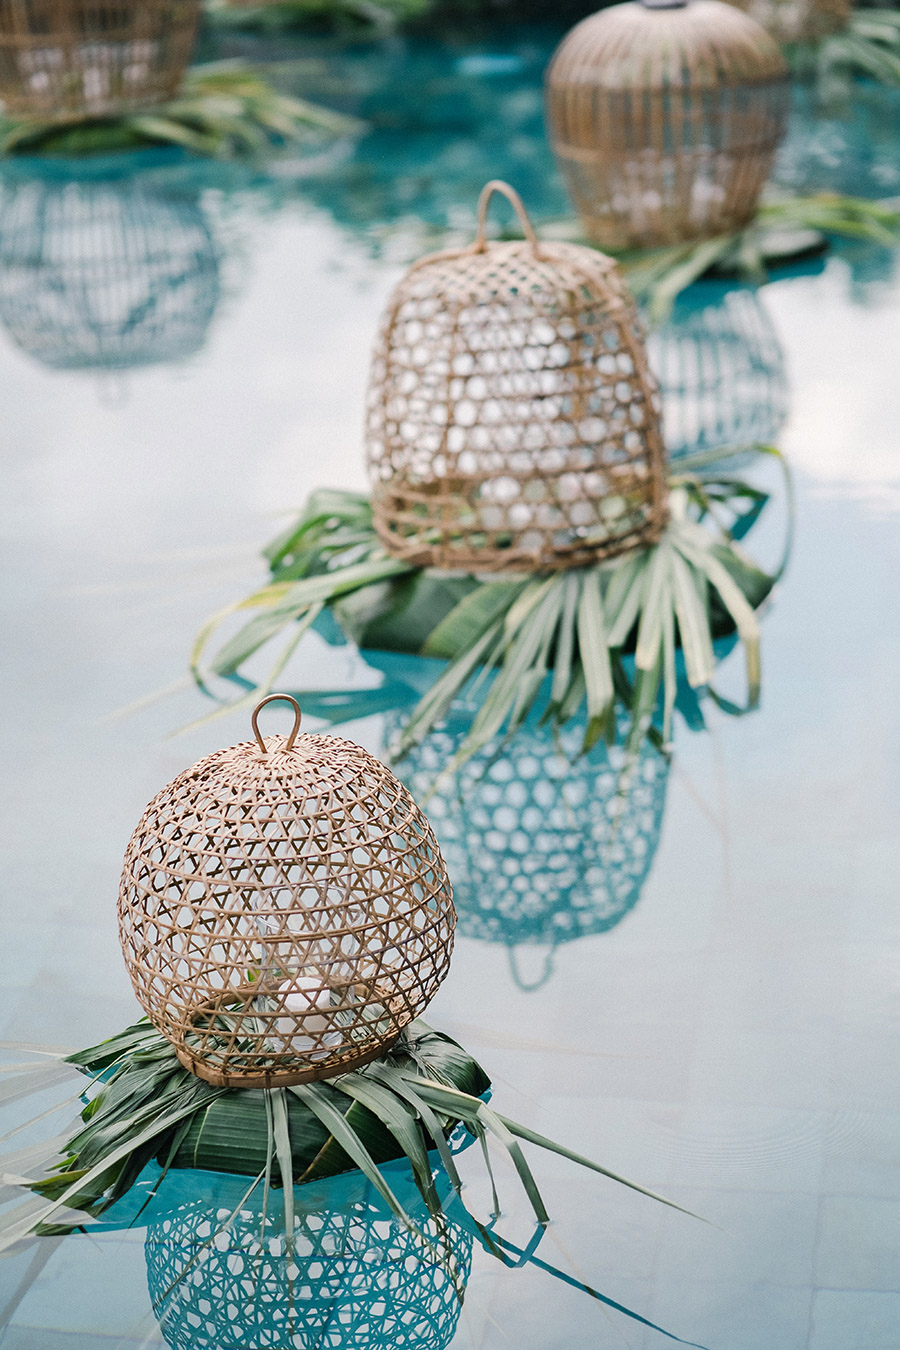 woven decor for tropical garden design